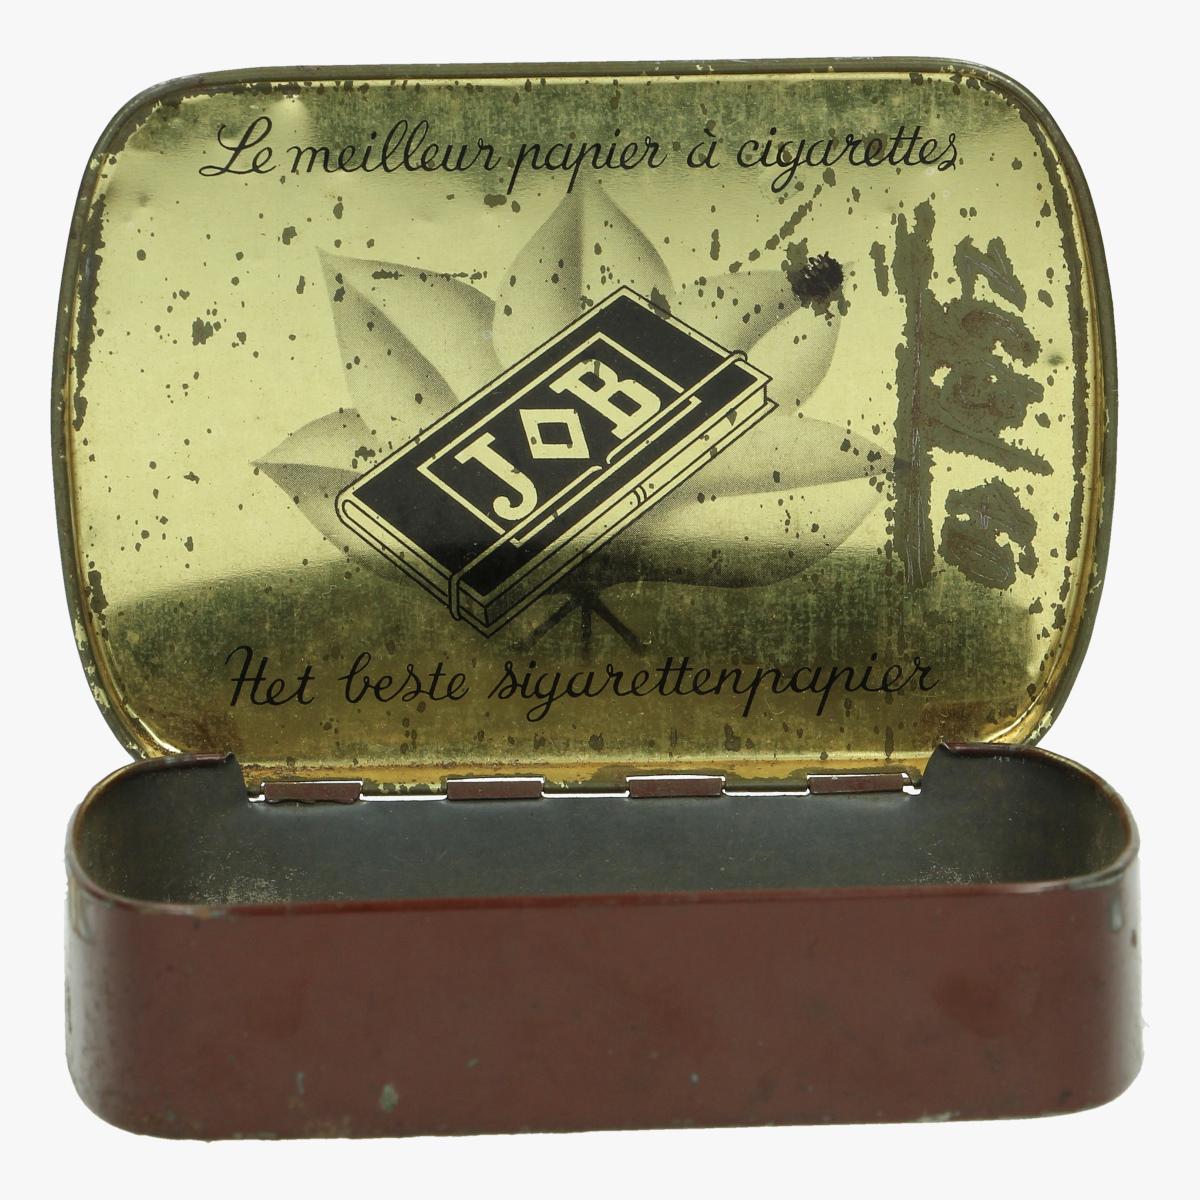 Afbeeldingen van oude blikken doosje job het beste sigarettenpapier